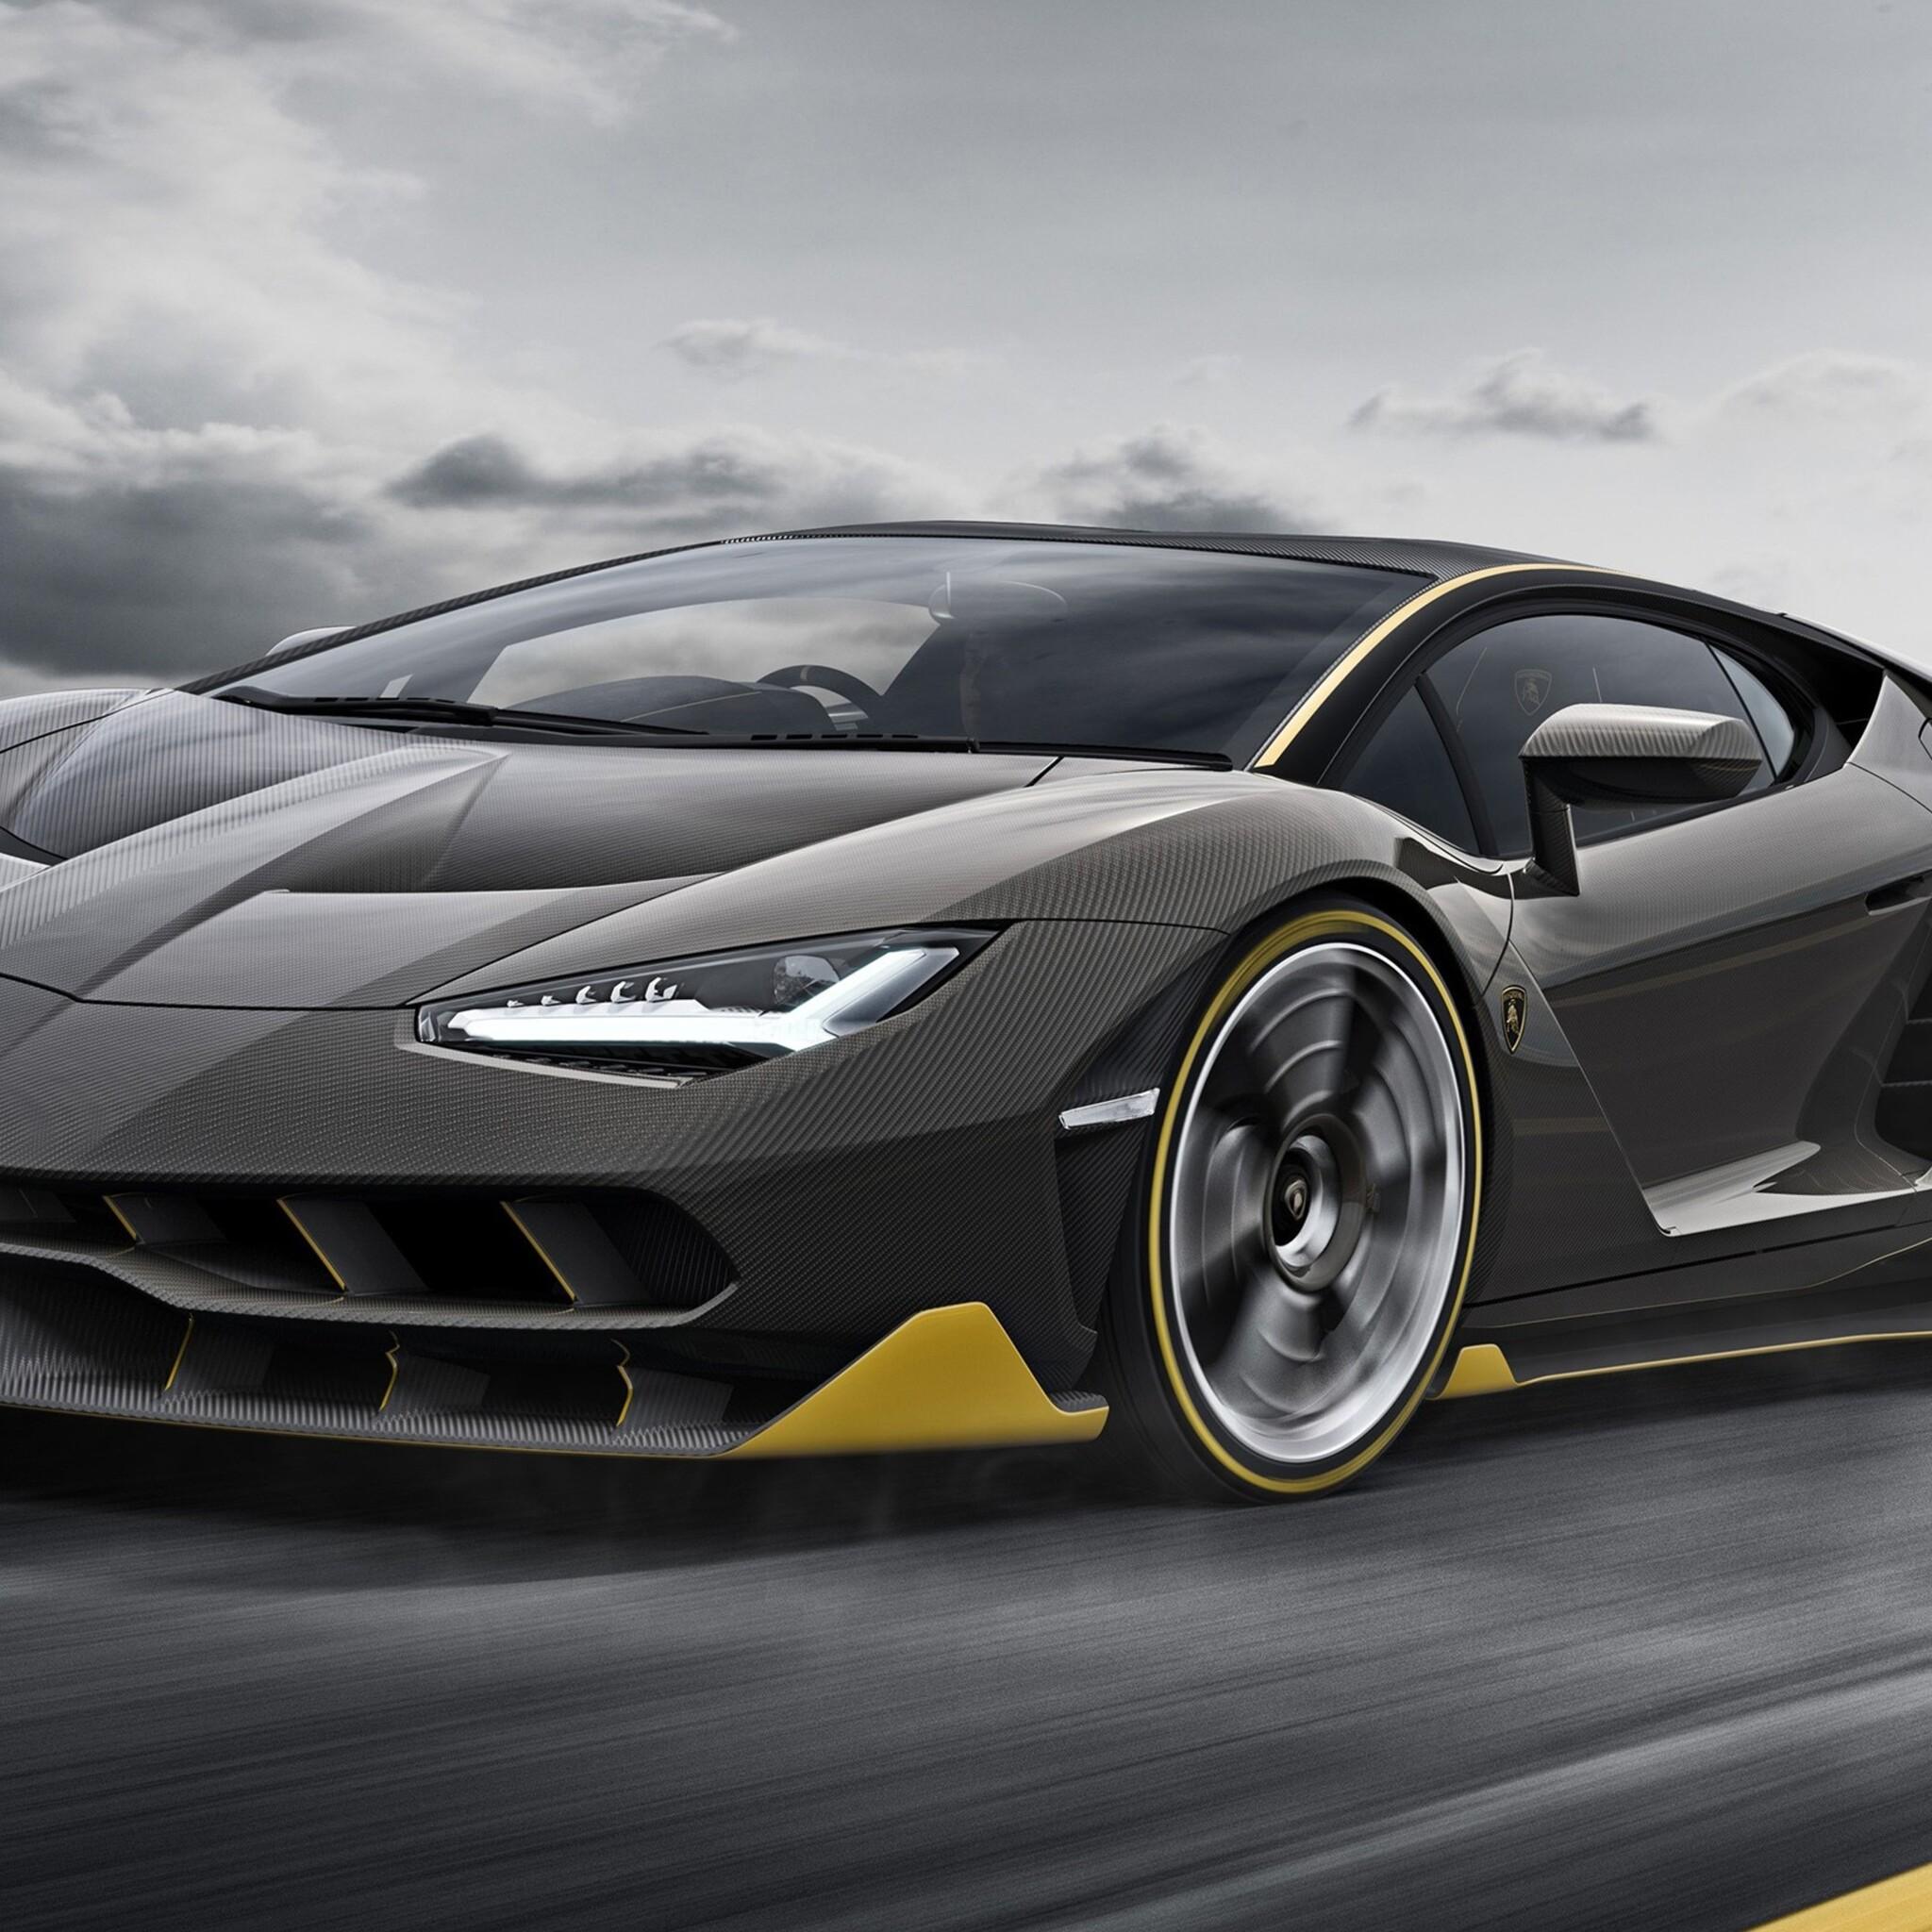 2048x2048 Lamborghini Centenario Super Car Ipad Air HD 4k